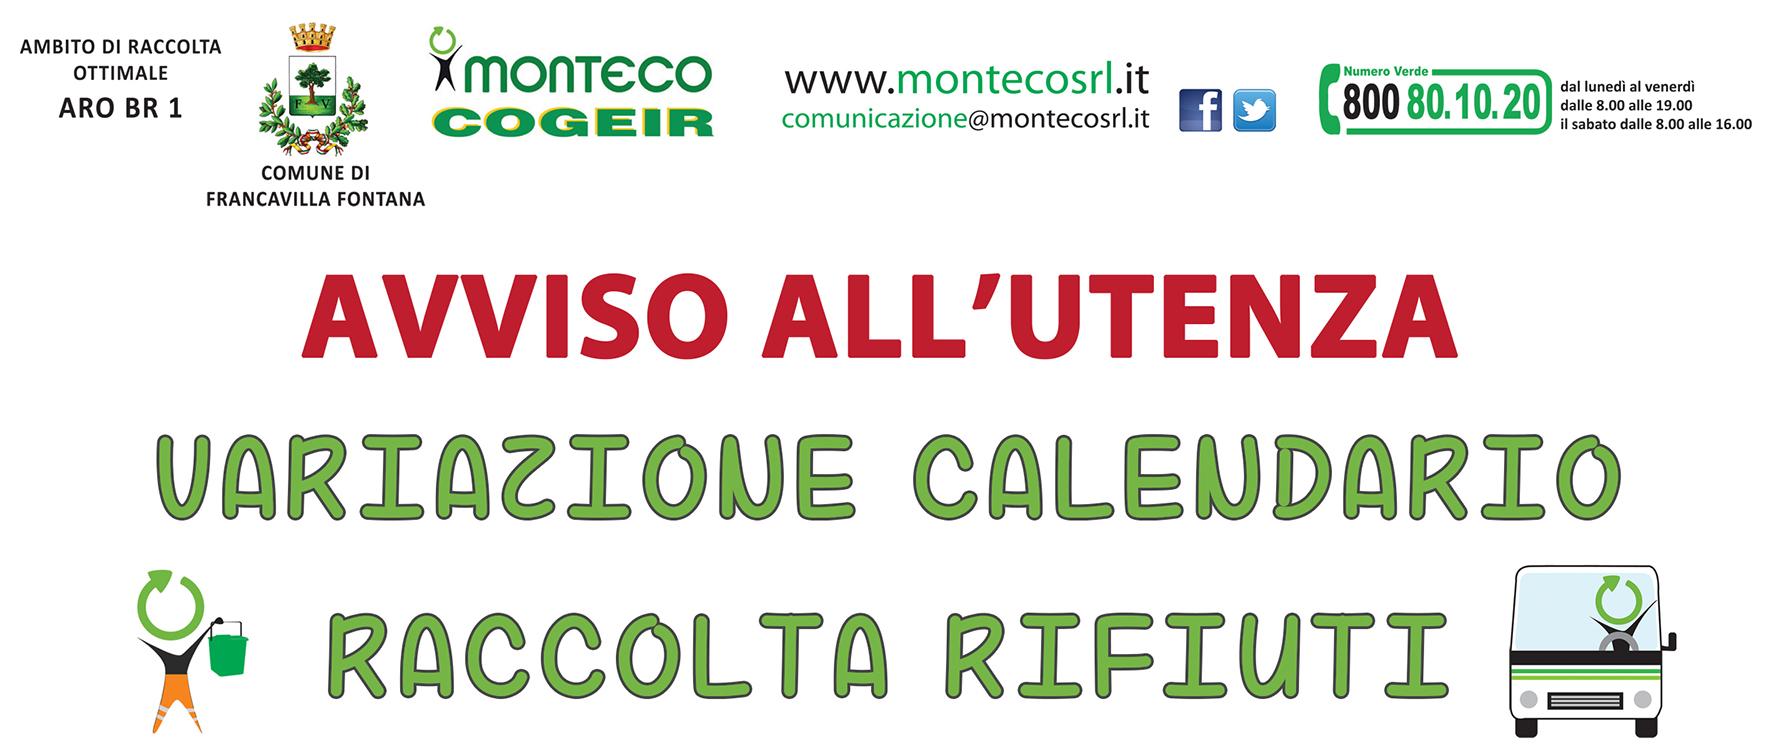 Francavilla Fontana. Variazione al calendario di raccolta per le festività pasquali